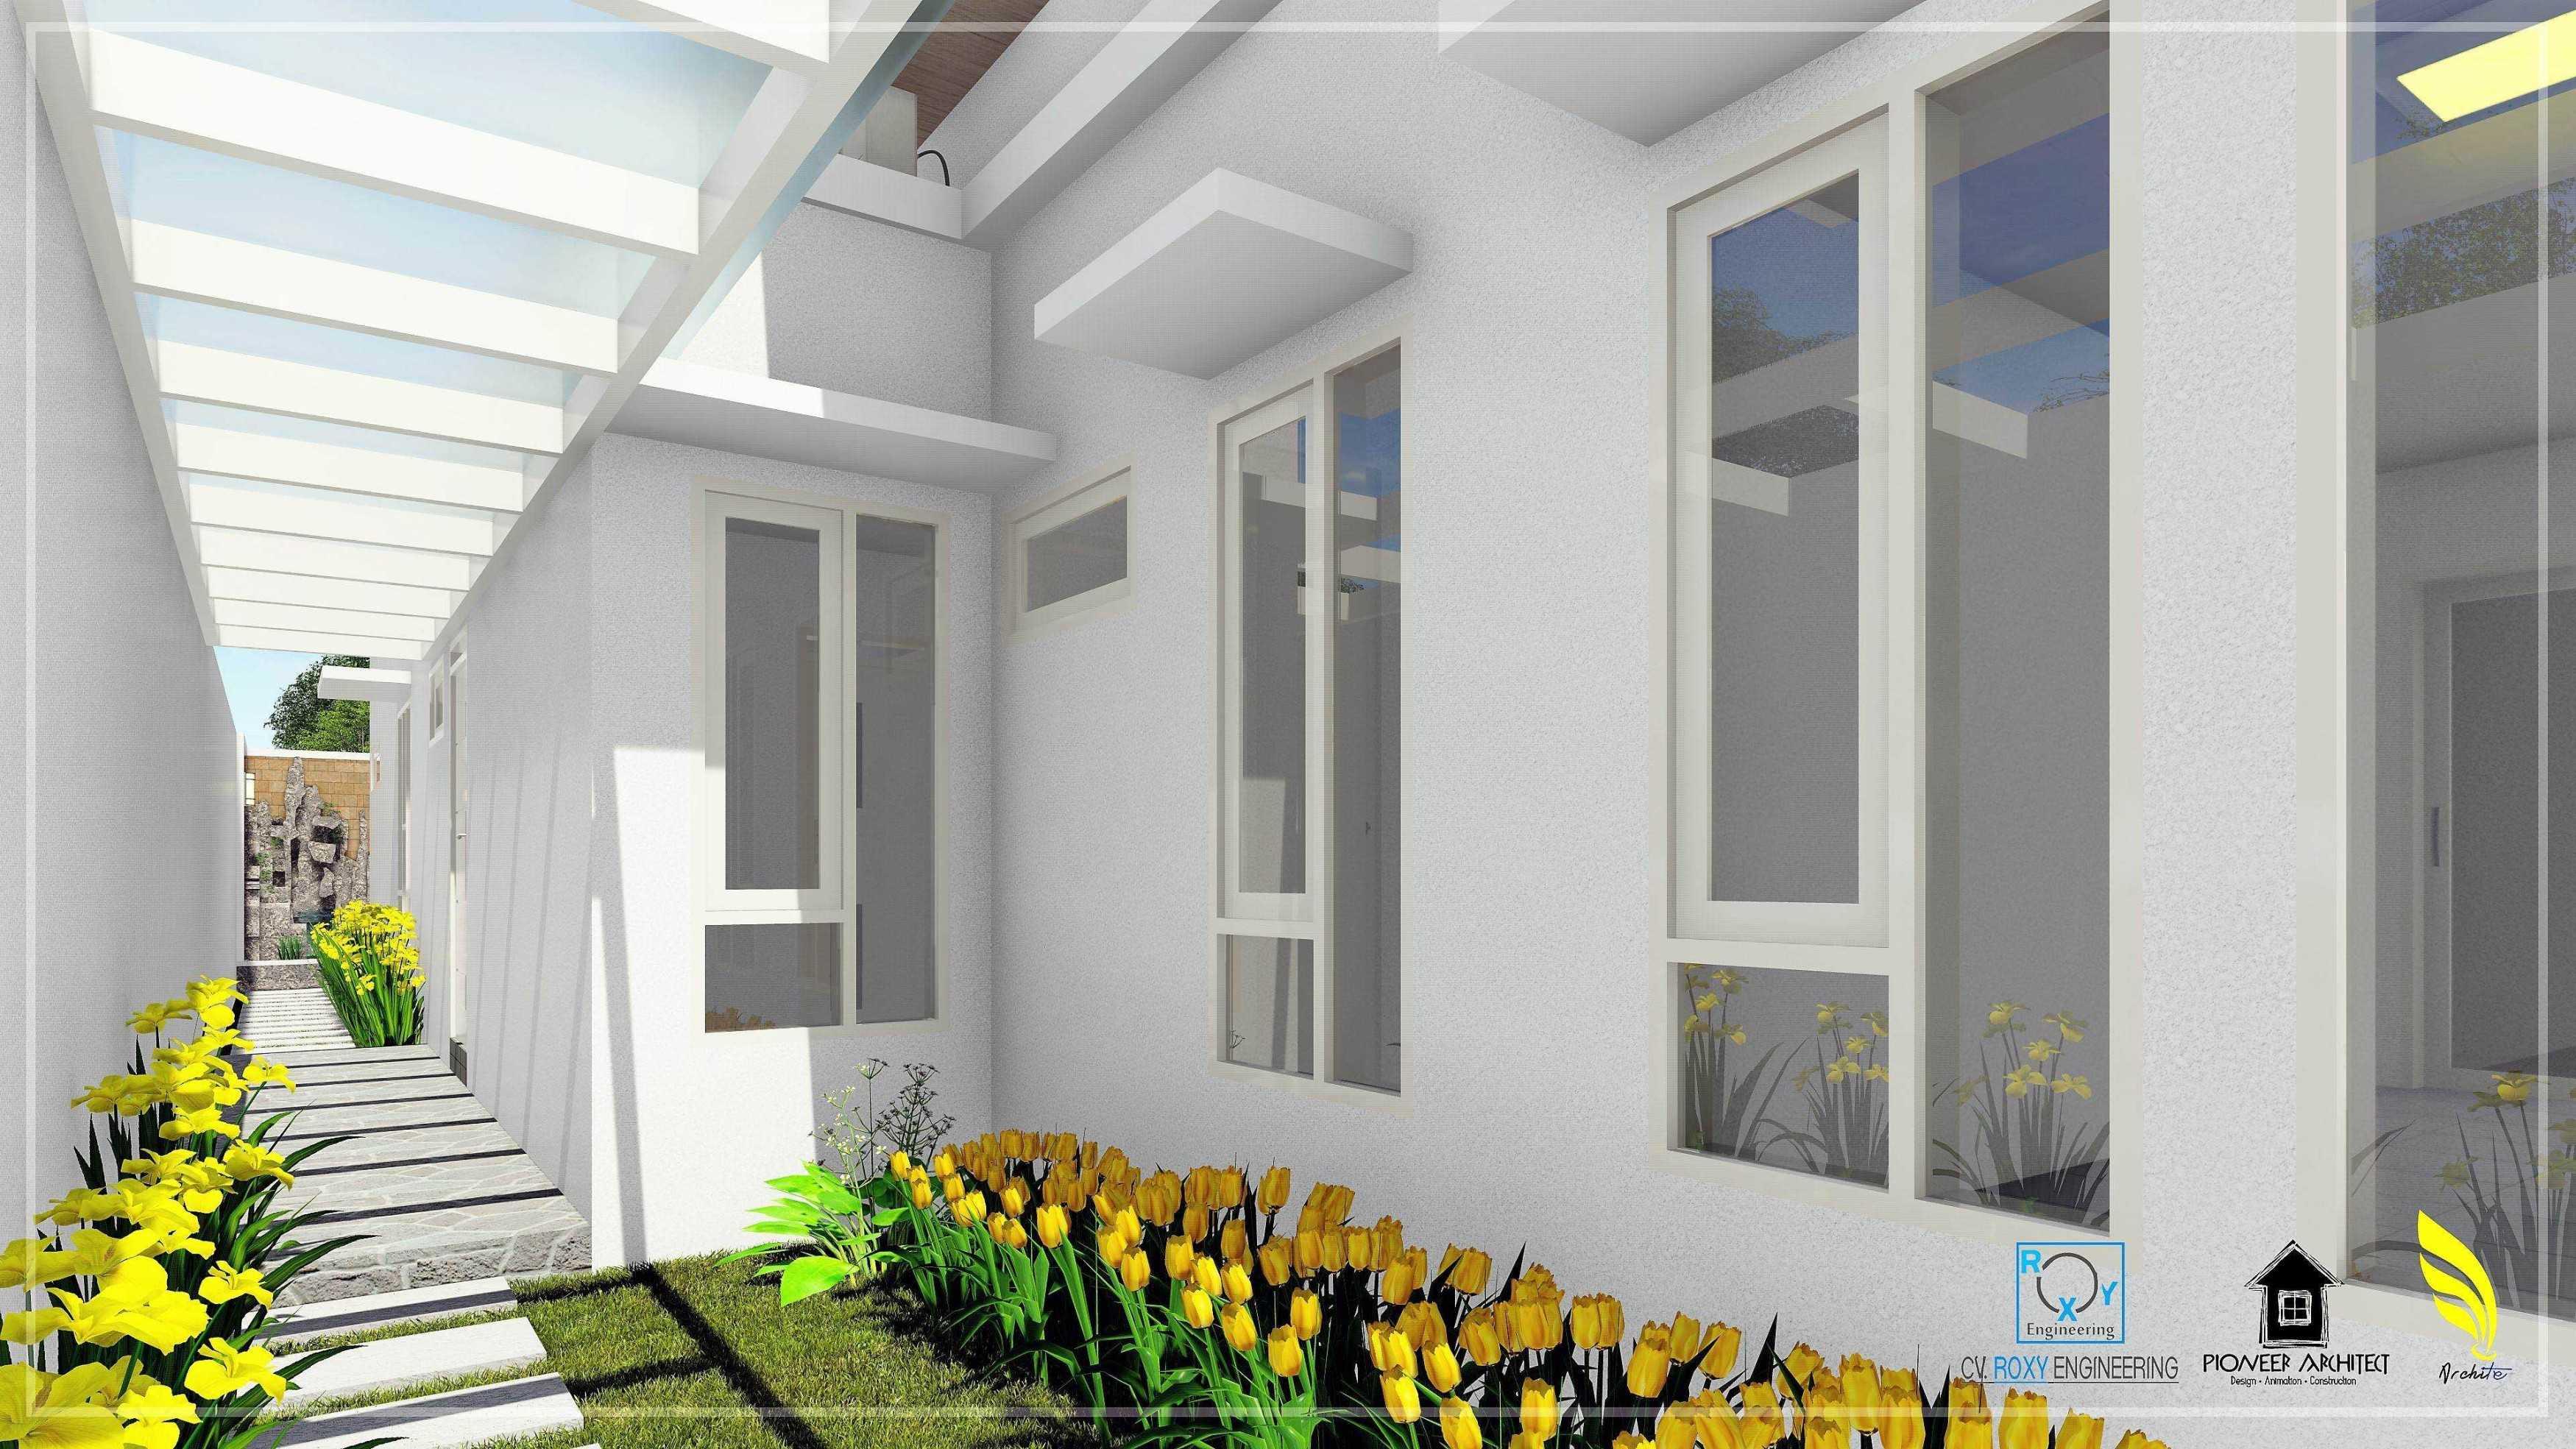 Pionner Architect J Modern House Banda Aceh, Kota Banda Aceh, Aceh, Indonesia Banda Aceh, Kota Banda Aceh, Aceh, Indonesia Suasana Taman Dan Akses Pintu Samping Bangunan Modern  43242